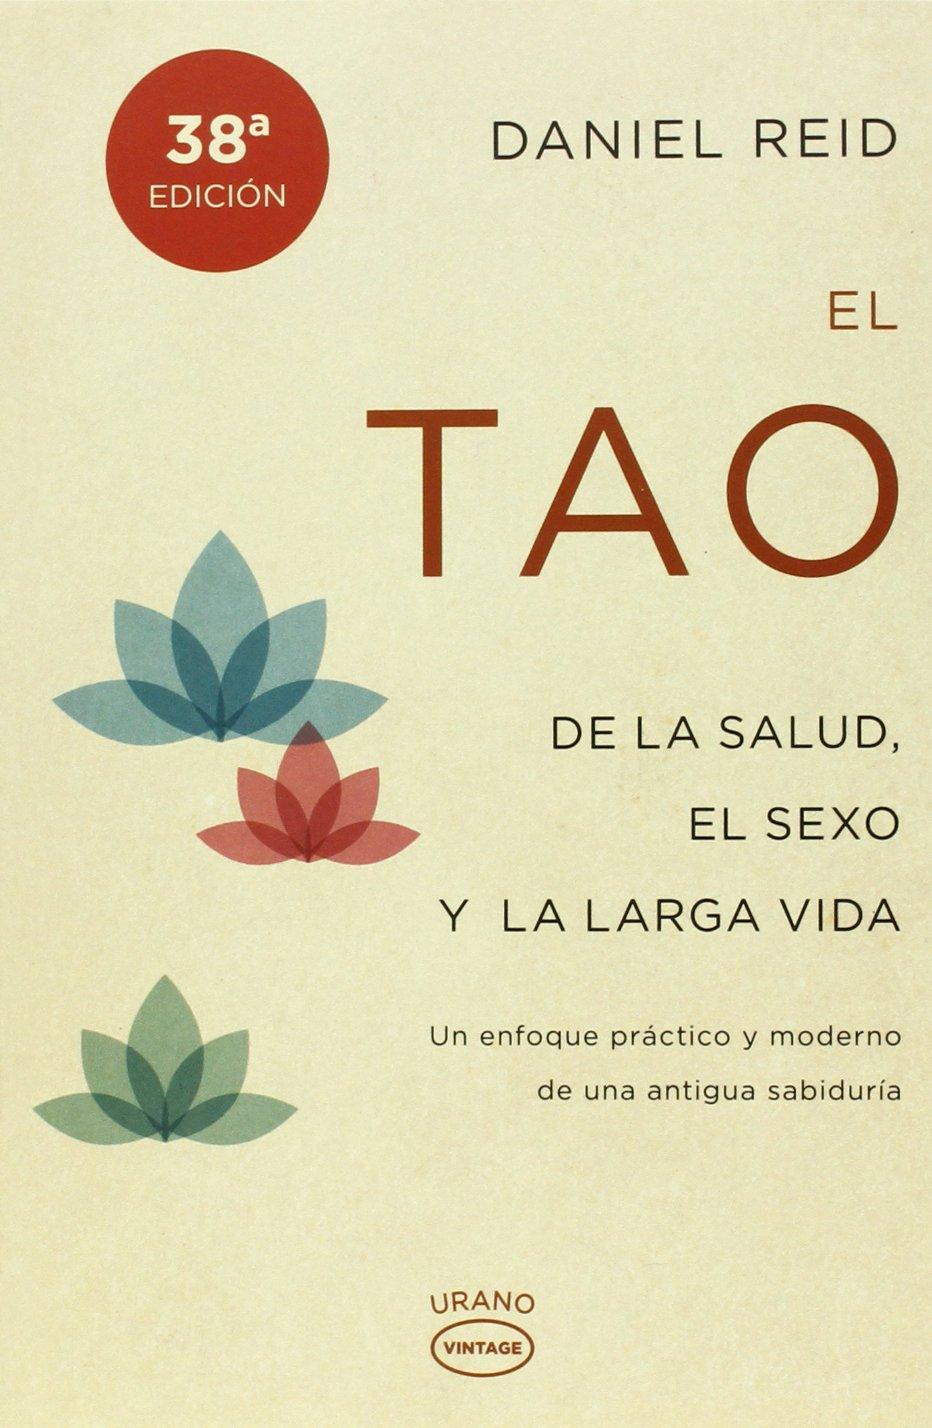 El tao de la salud, el sexo y la larga vida (Vintage) Tapa blanda – 5 may 2014 Daniel Reid Urano 8479538791 Healing - General